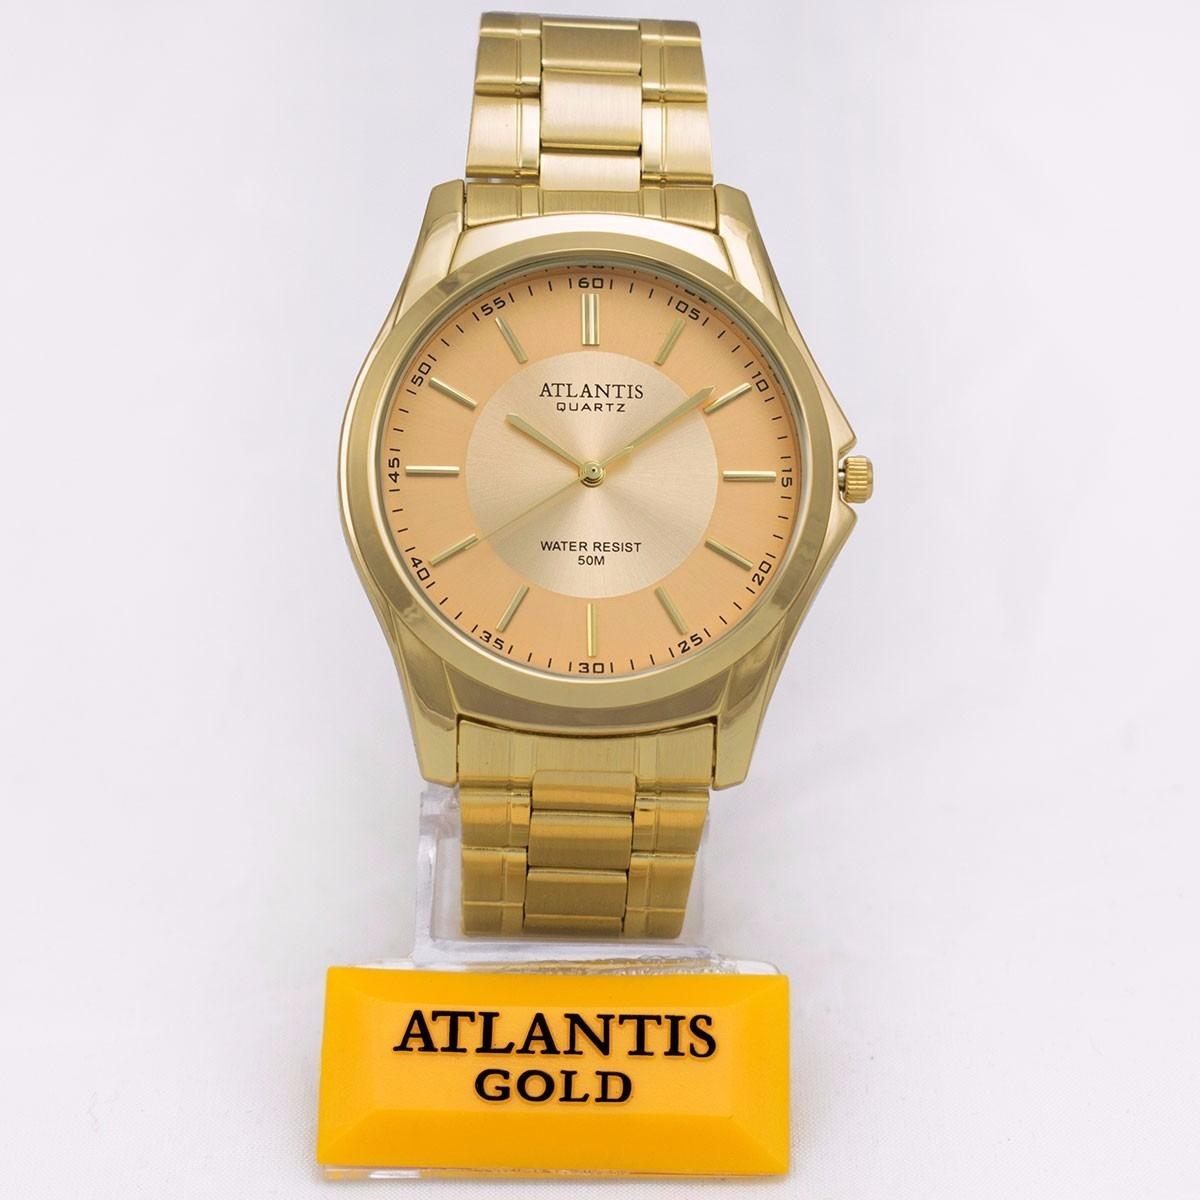 2215e5e2e5f relogio masculino exclusive atlantis original dourado caixa. Carregando  zoom.